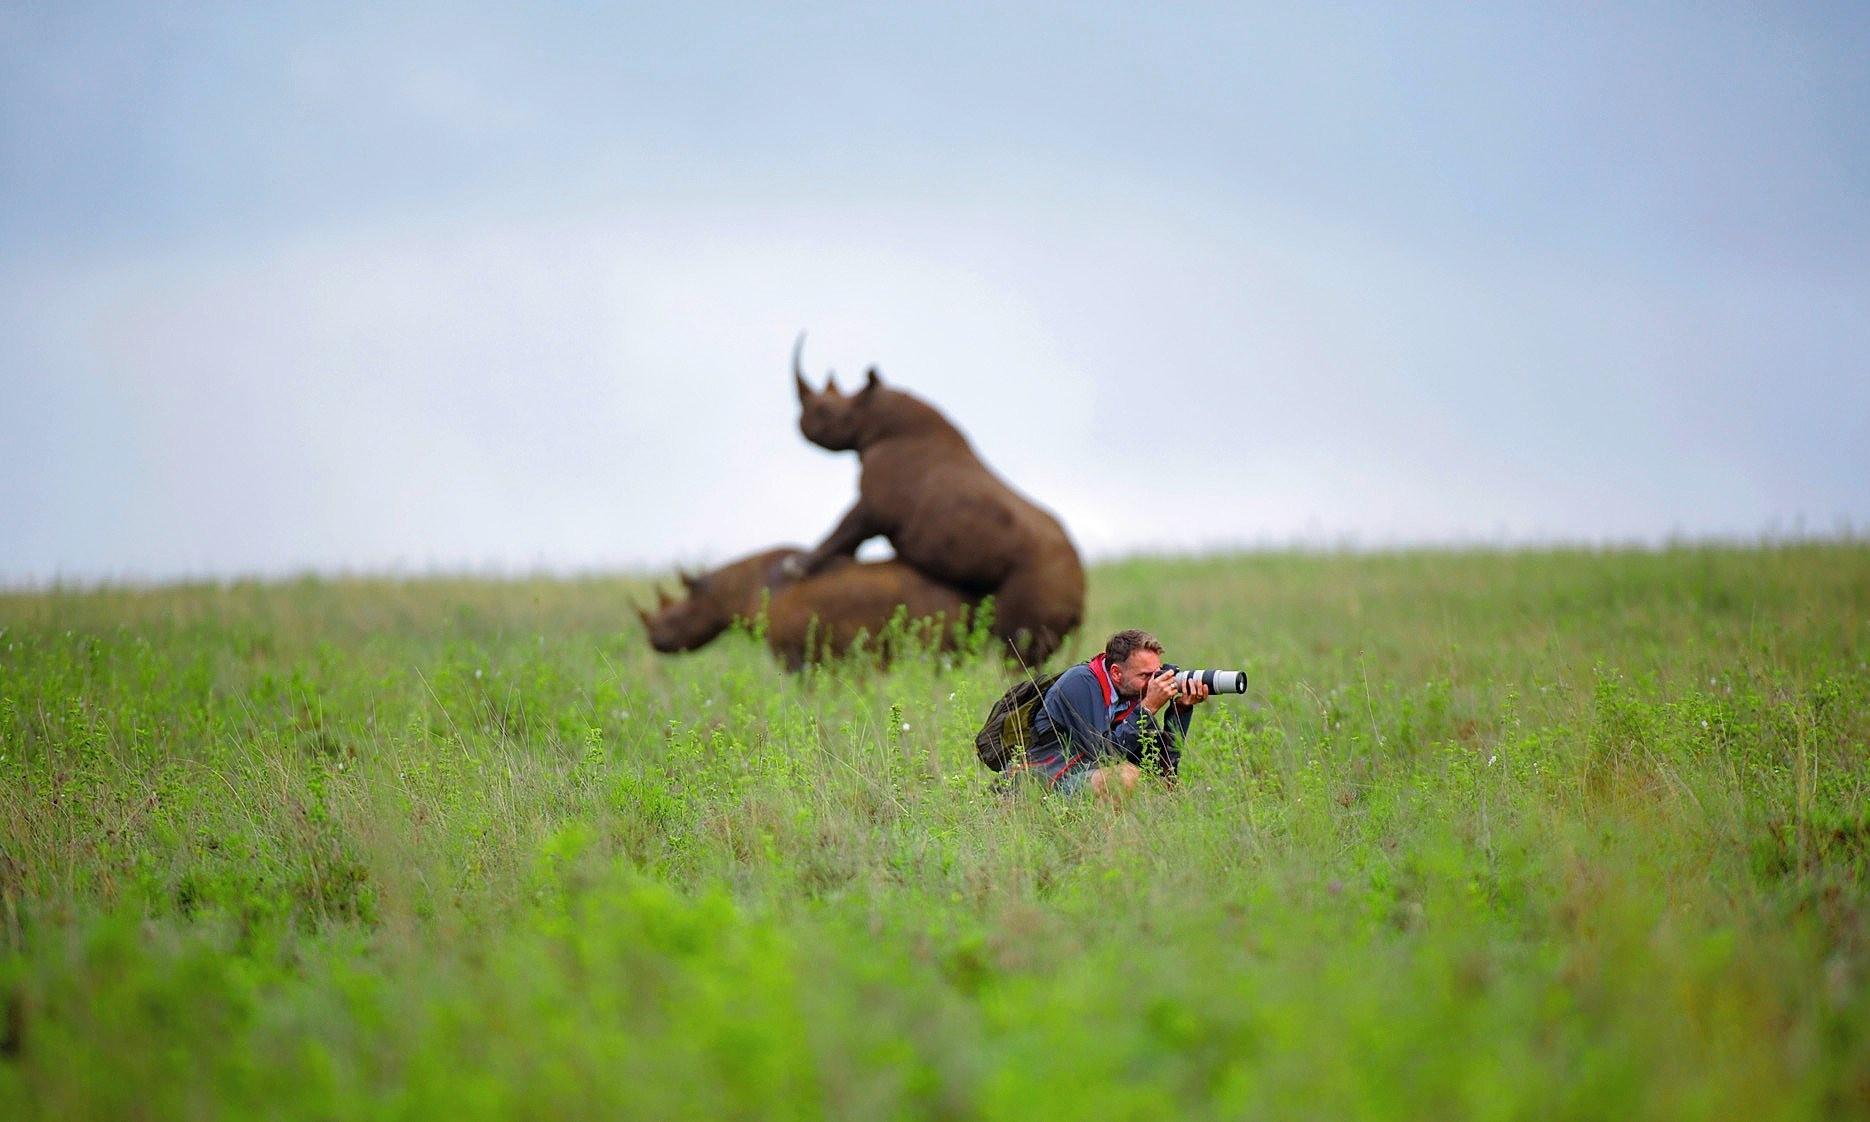 Hintergrundbilder Manner Landschaft Tiere Tiefenscharfe